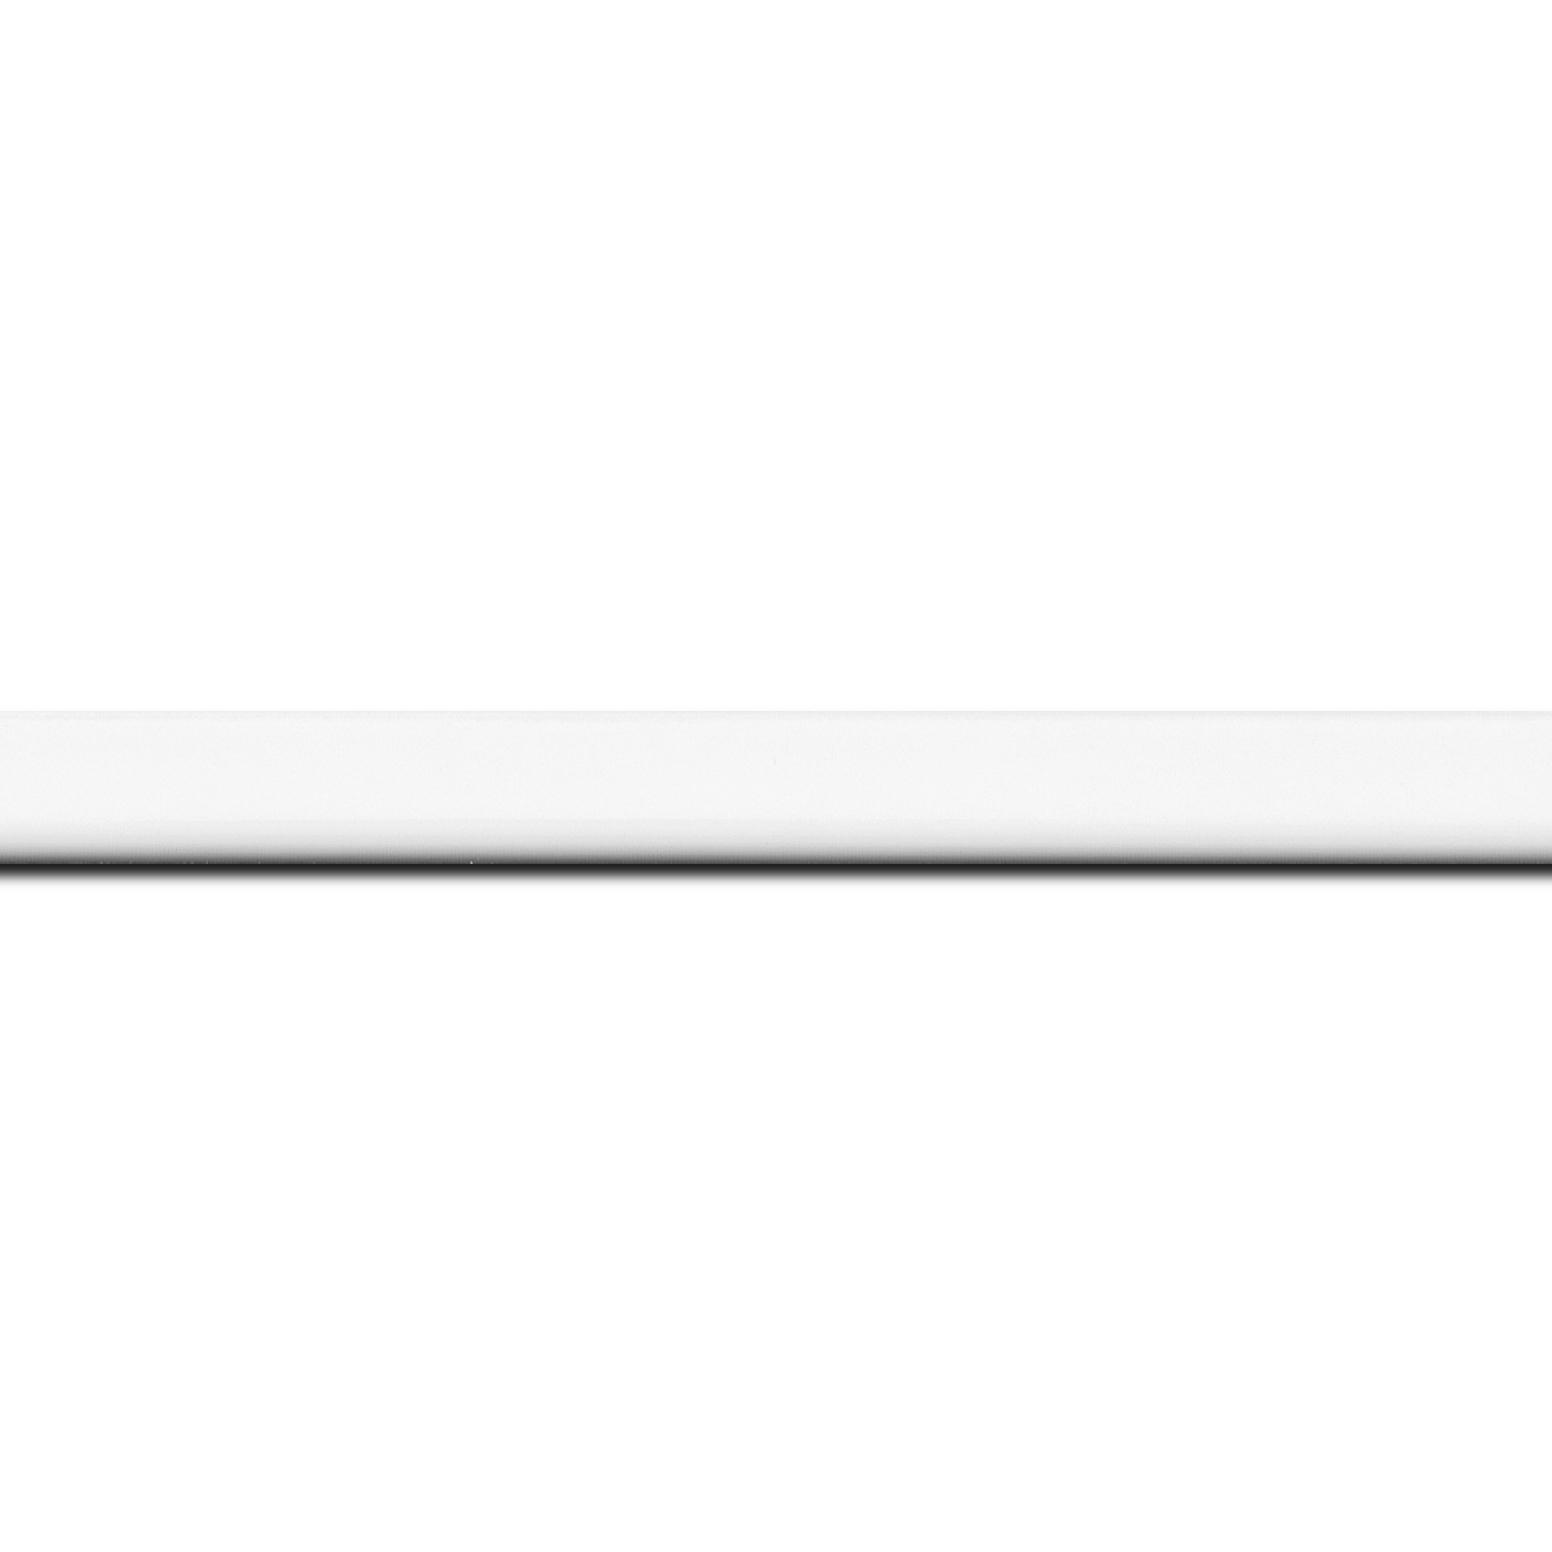 Baguette longueur 1.40m bois profil méplat largeur 1.4cm couleur blanc laqué